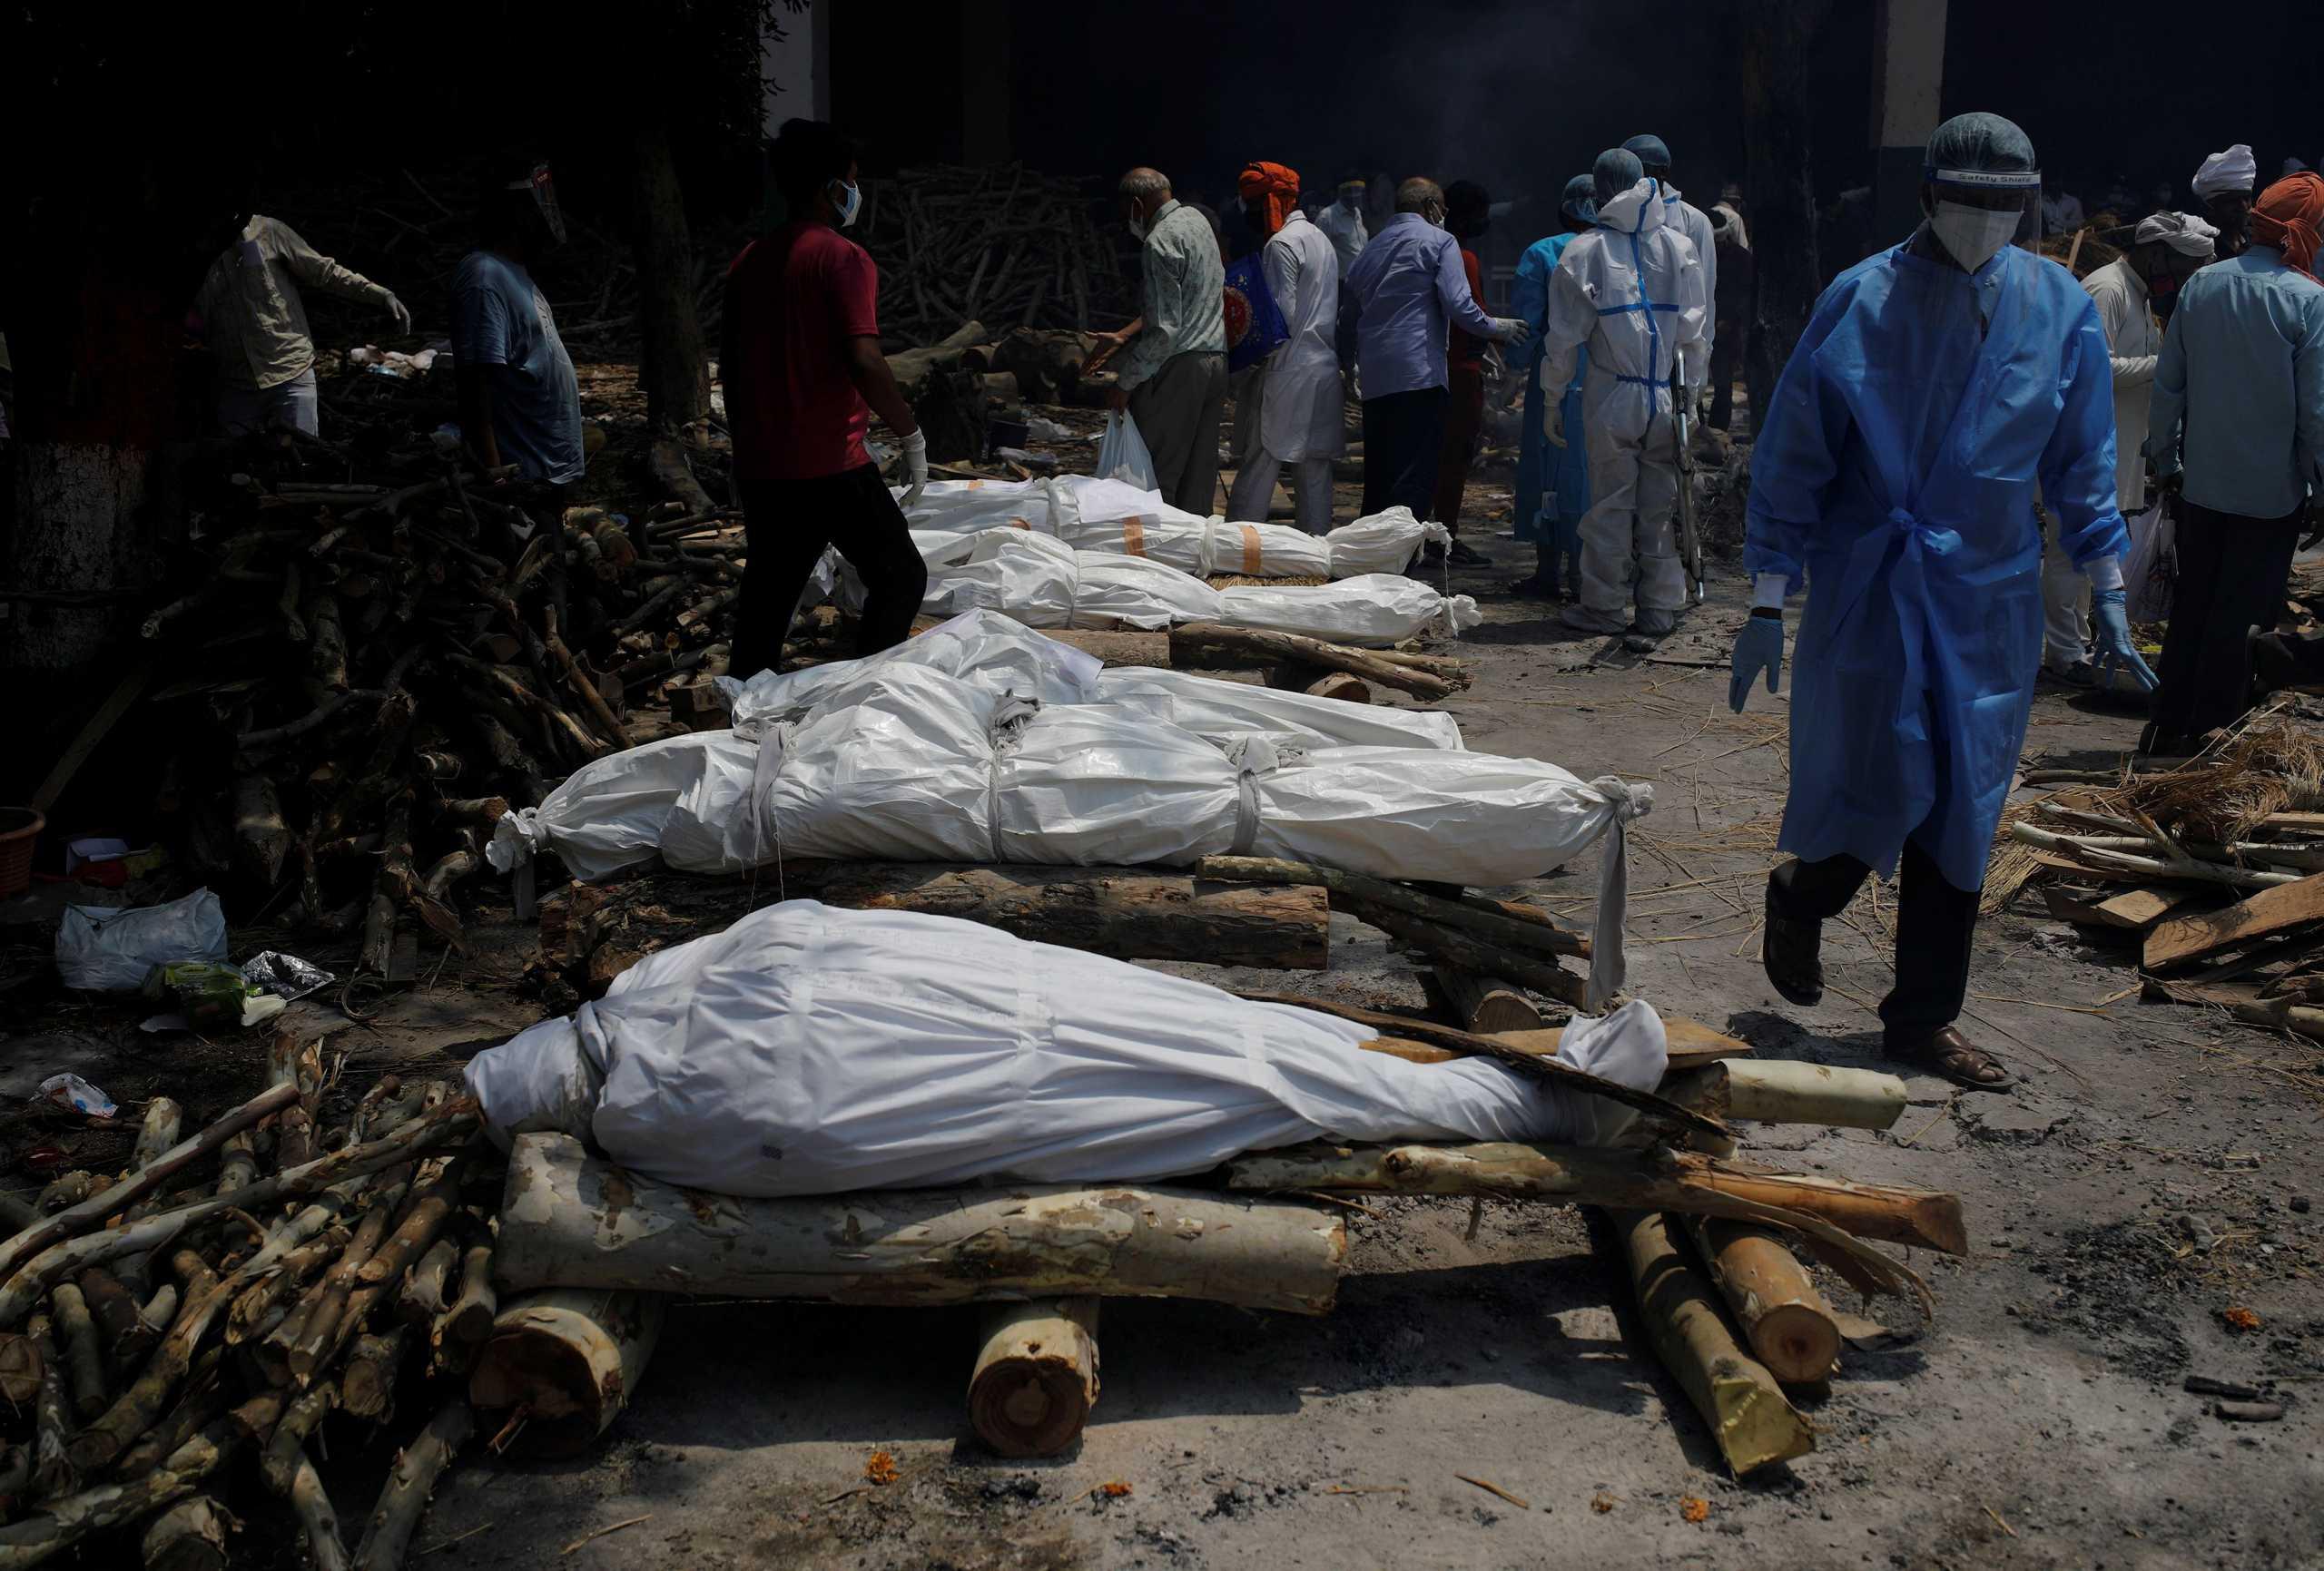 Παγκόσμιος Οργανισμός Υγείας: «Σπαρακτική η κατάσταση στην Ινδία» – Στέλνουν κινητά νοσοκομεία